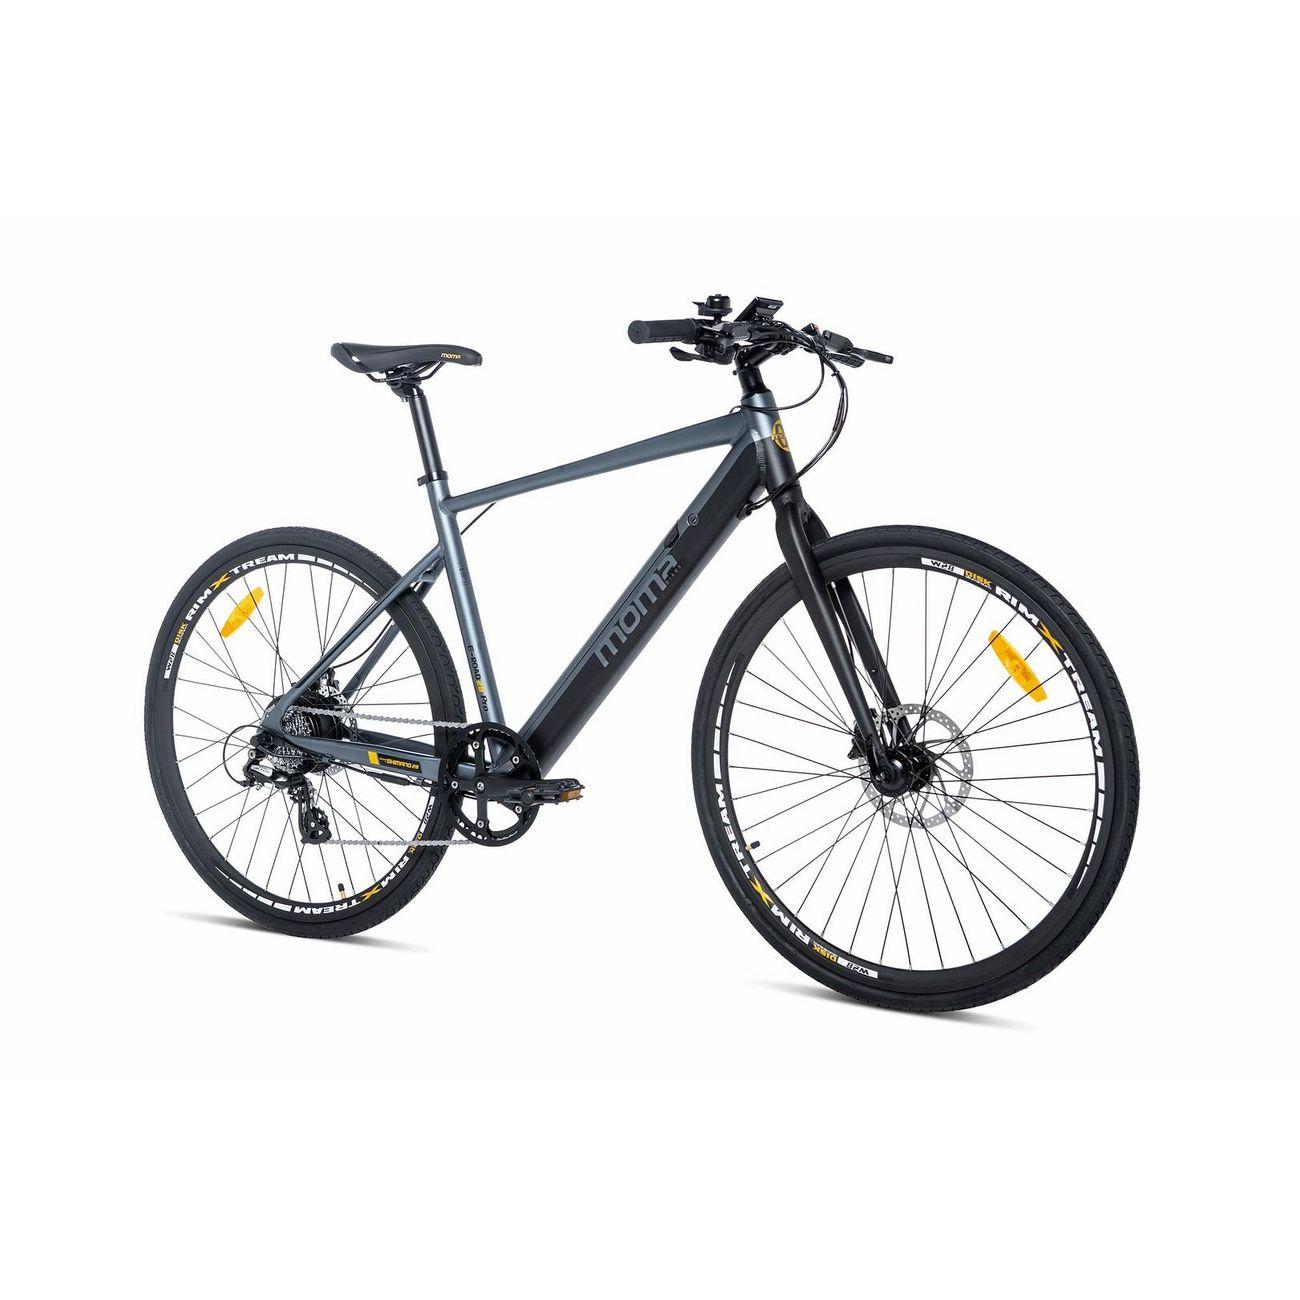 """Vélo de ville électrique 28"""" Momabikes E-ROAD PRO - Dérailleur & manette Shimano, Freins à disques Hydrauliques (Vendeur tiers)"""